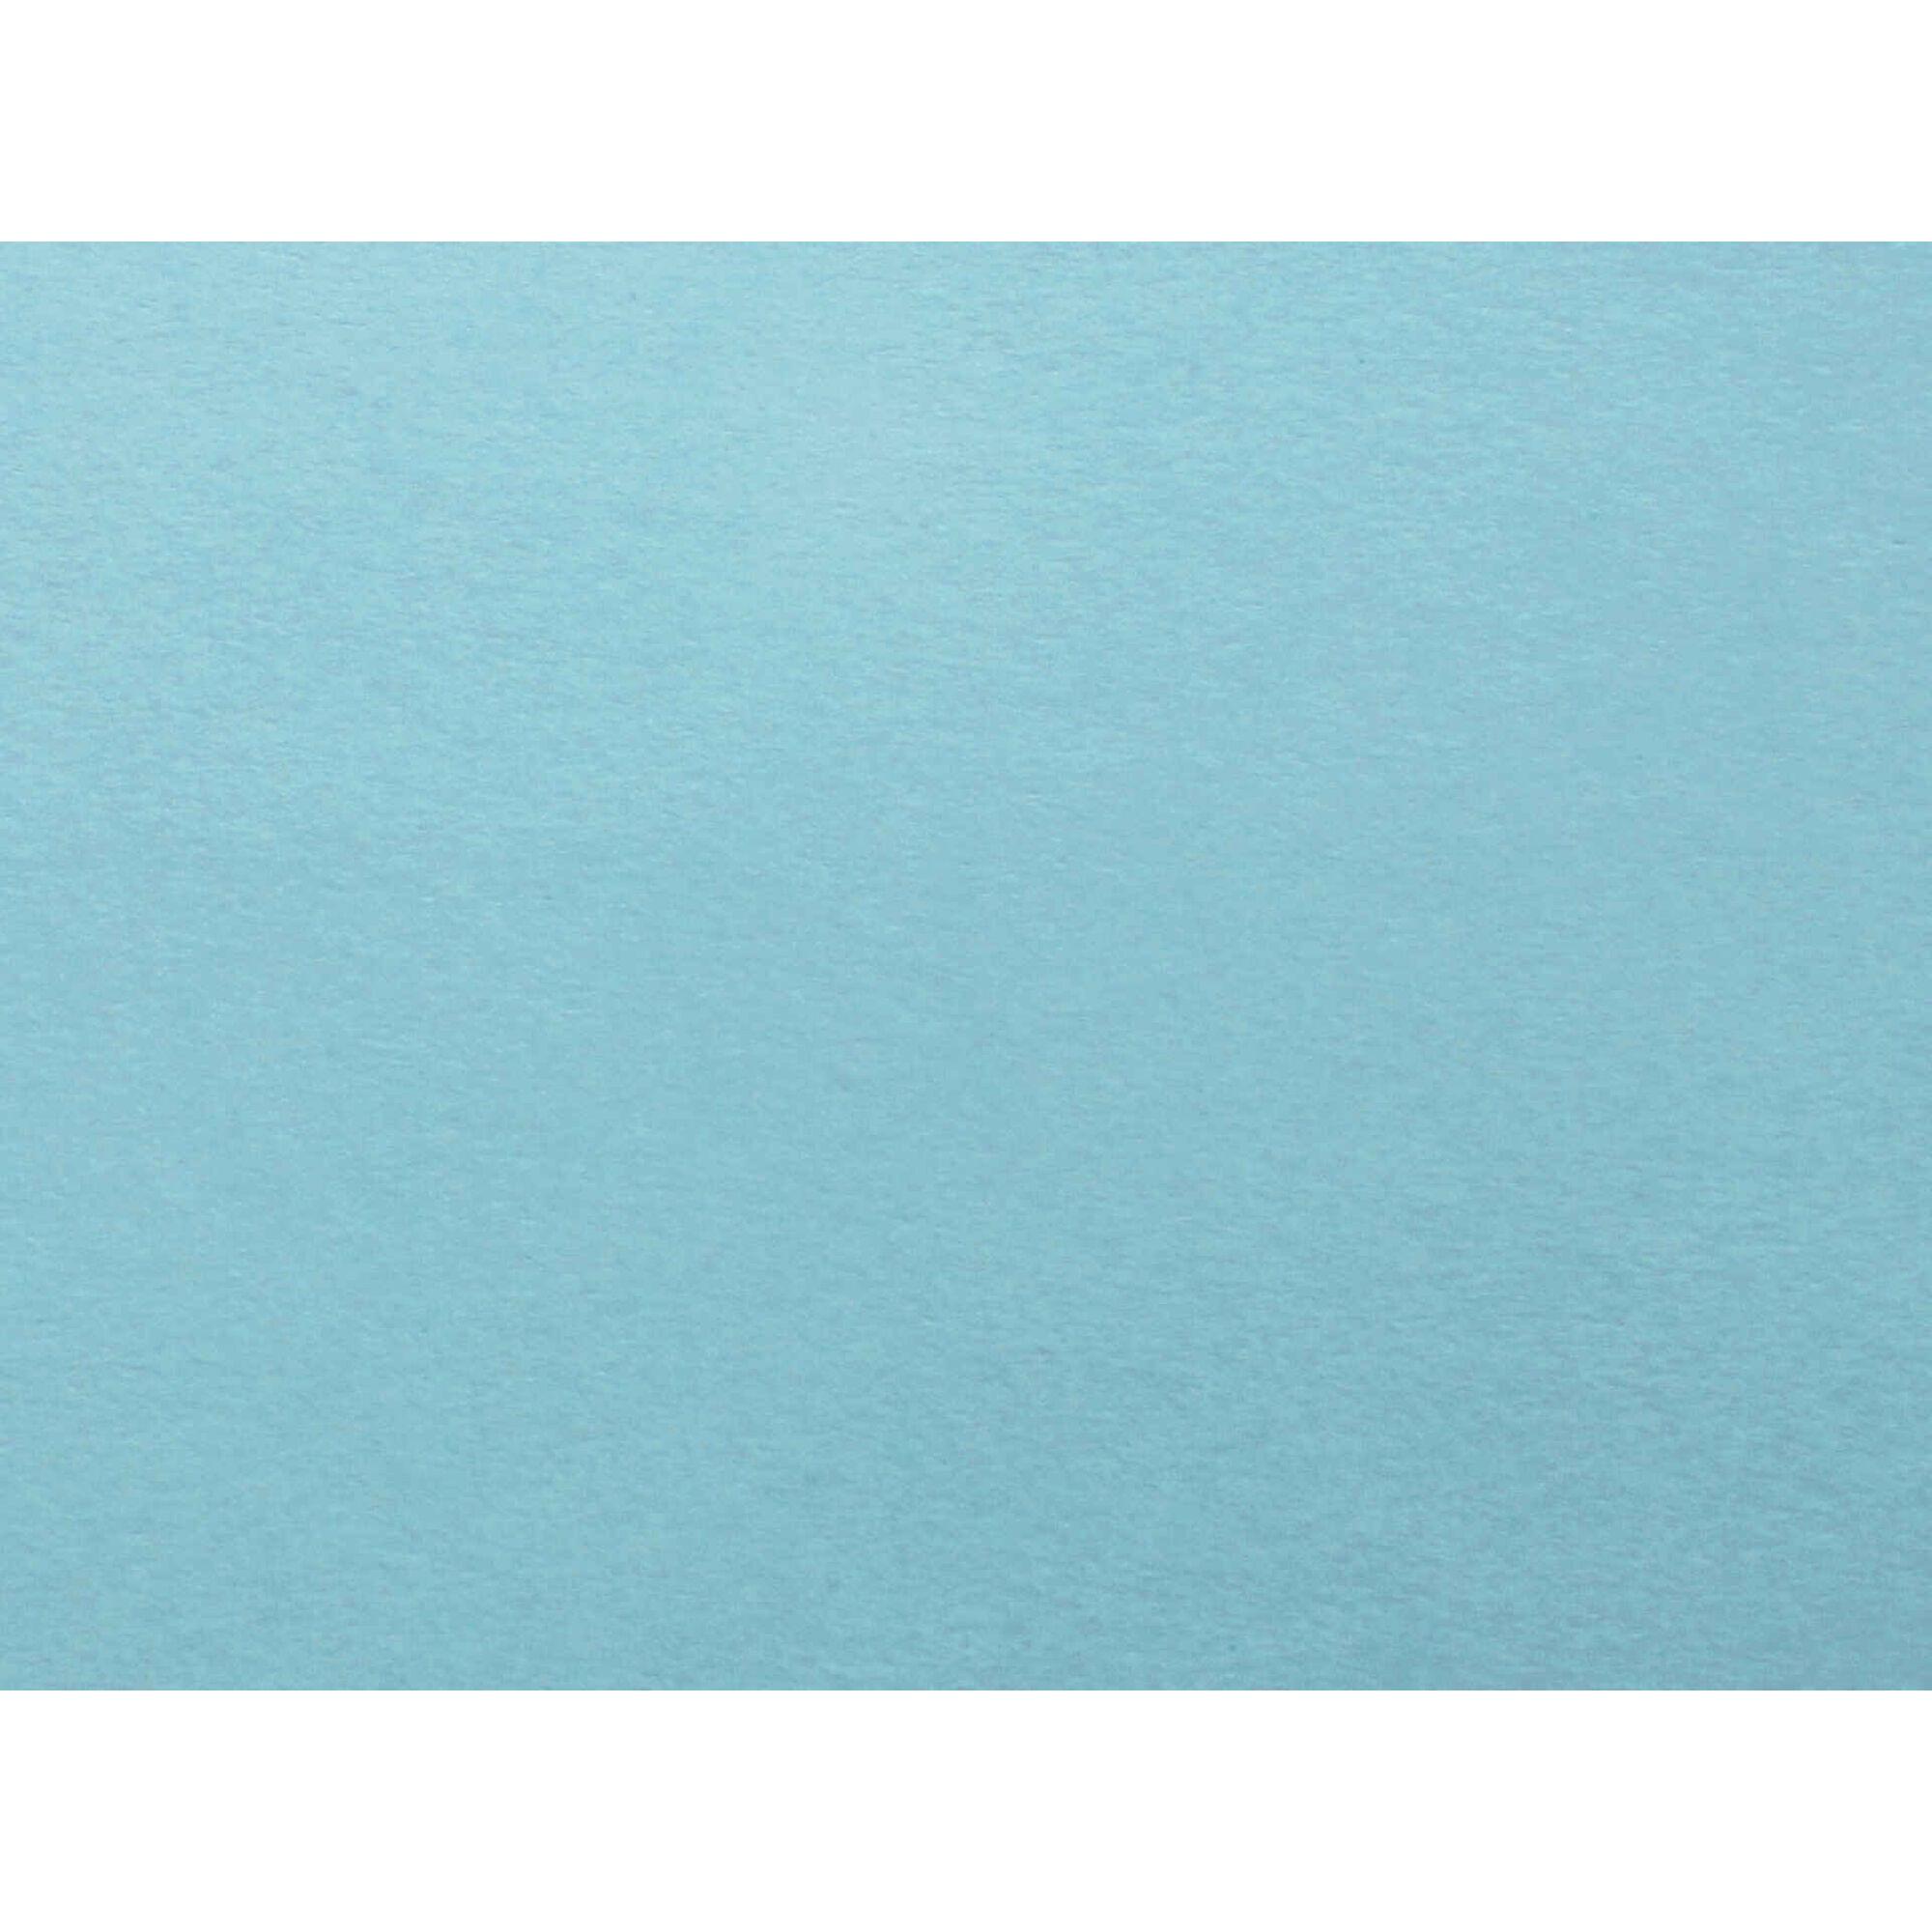 Cartolina Azul Claro 50x65cm